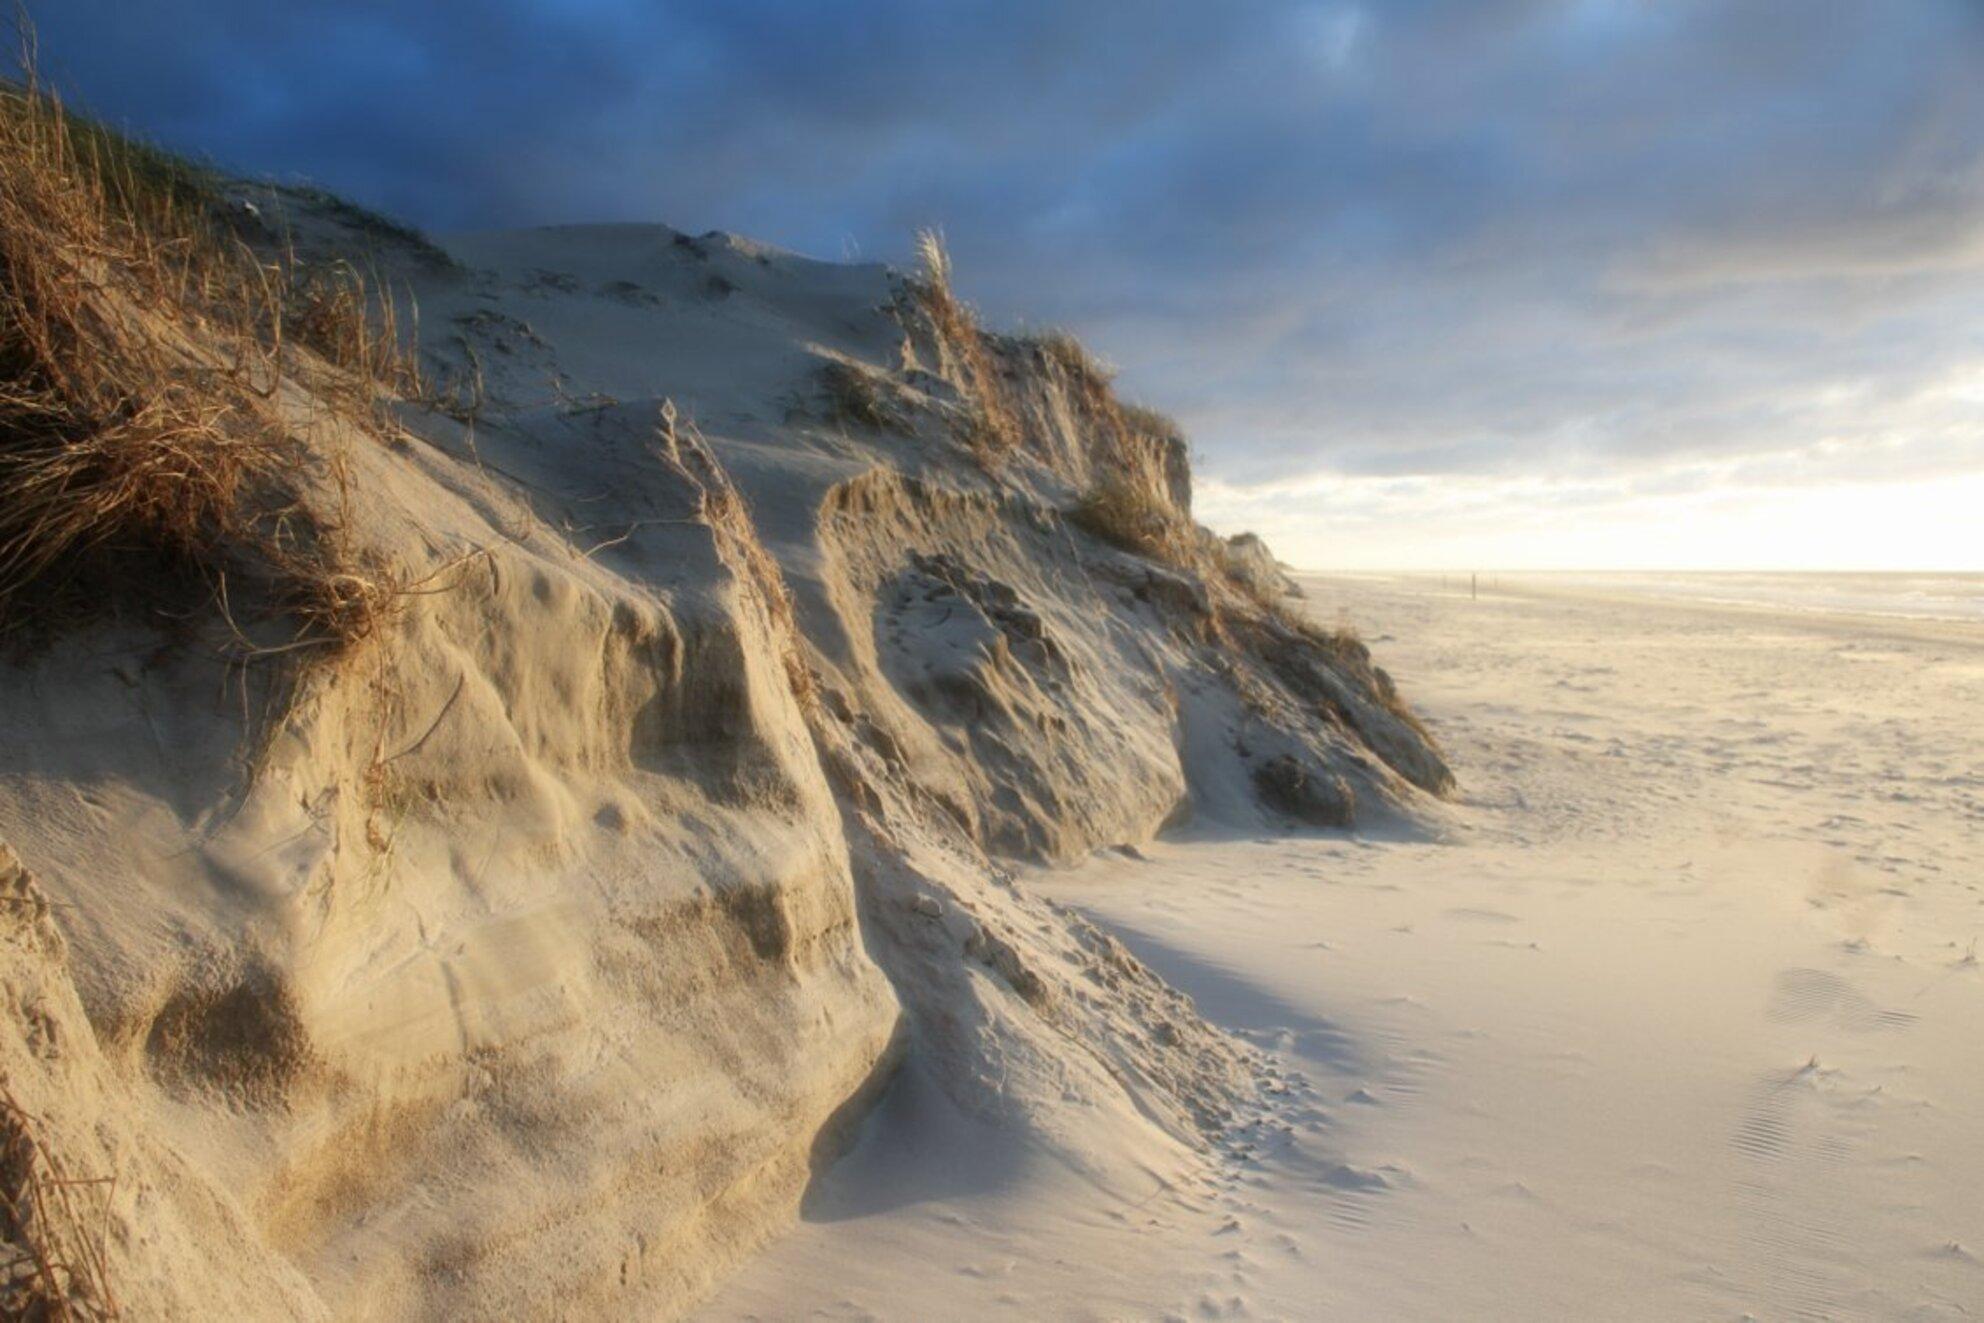 IMG_5717 - - - foto door j-eijnthoven op 07-03-2015 - deze foto bevat: strand, zee, duinen - Deze foto mag gebruikt worden in een Zoom.nl publicatie